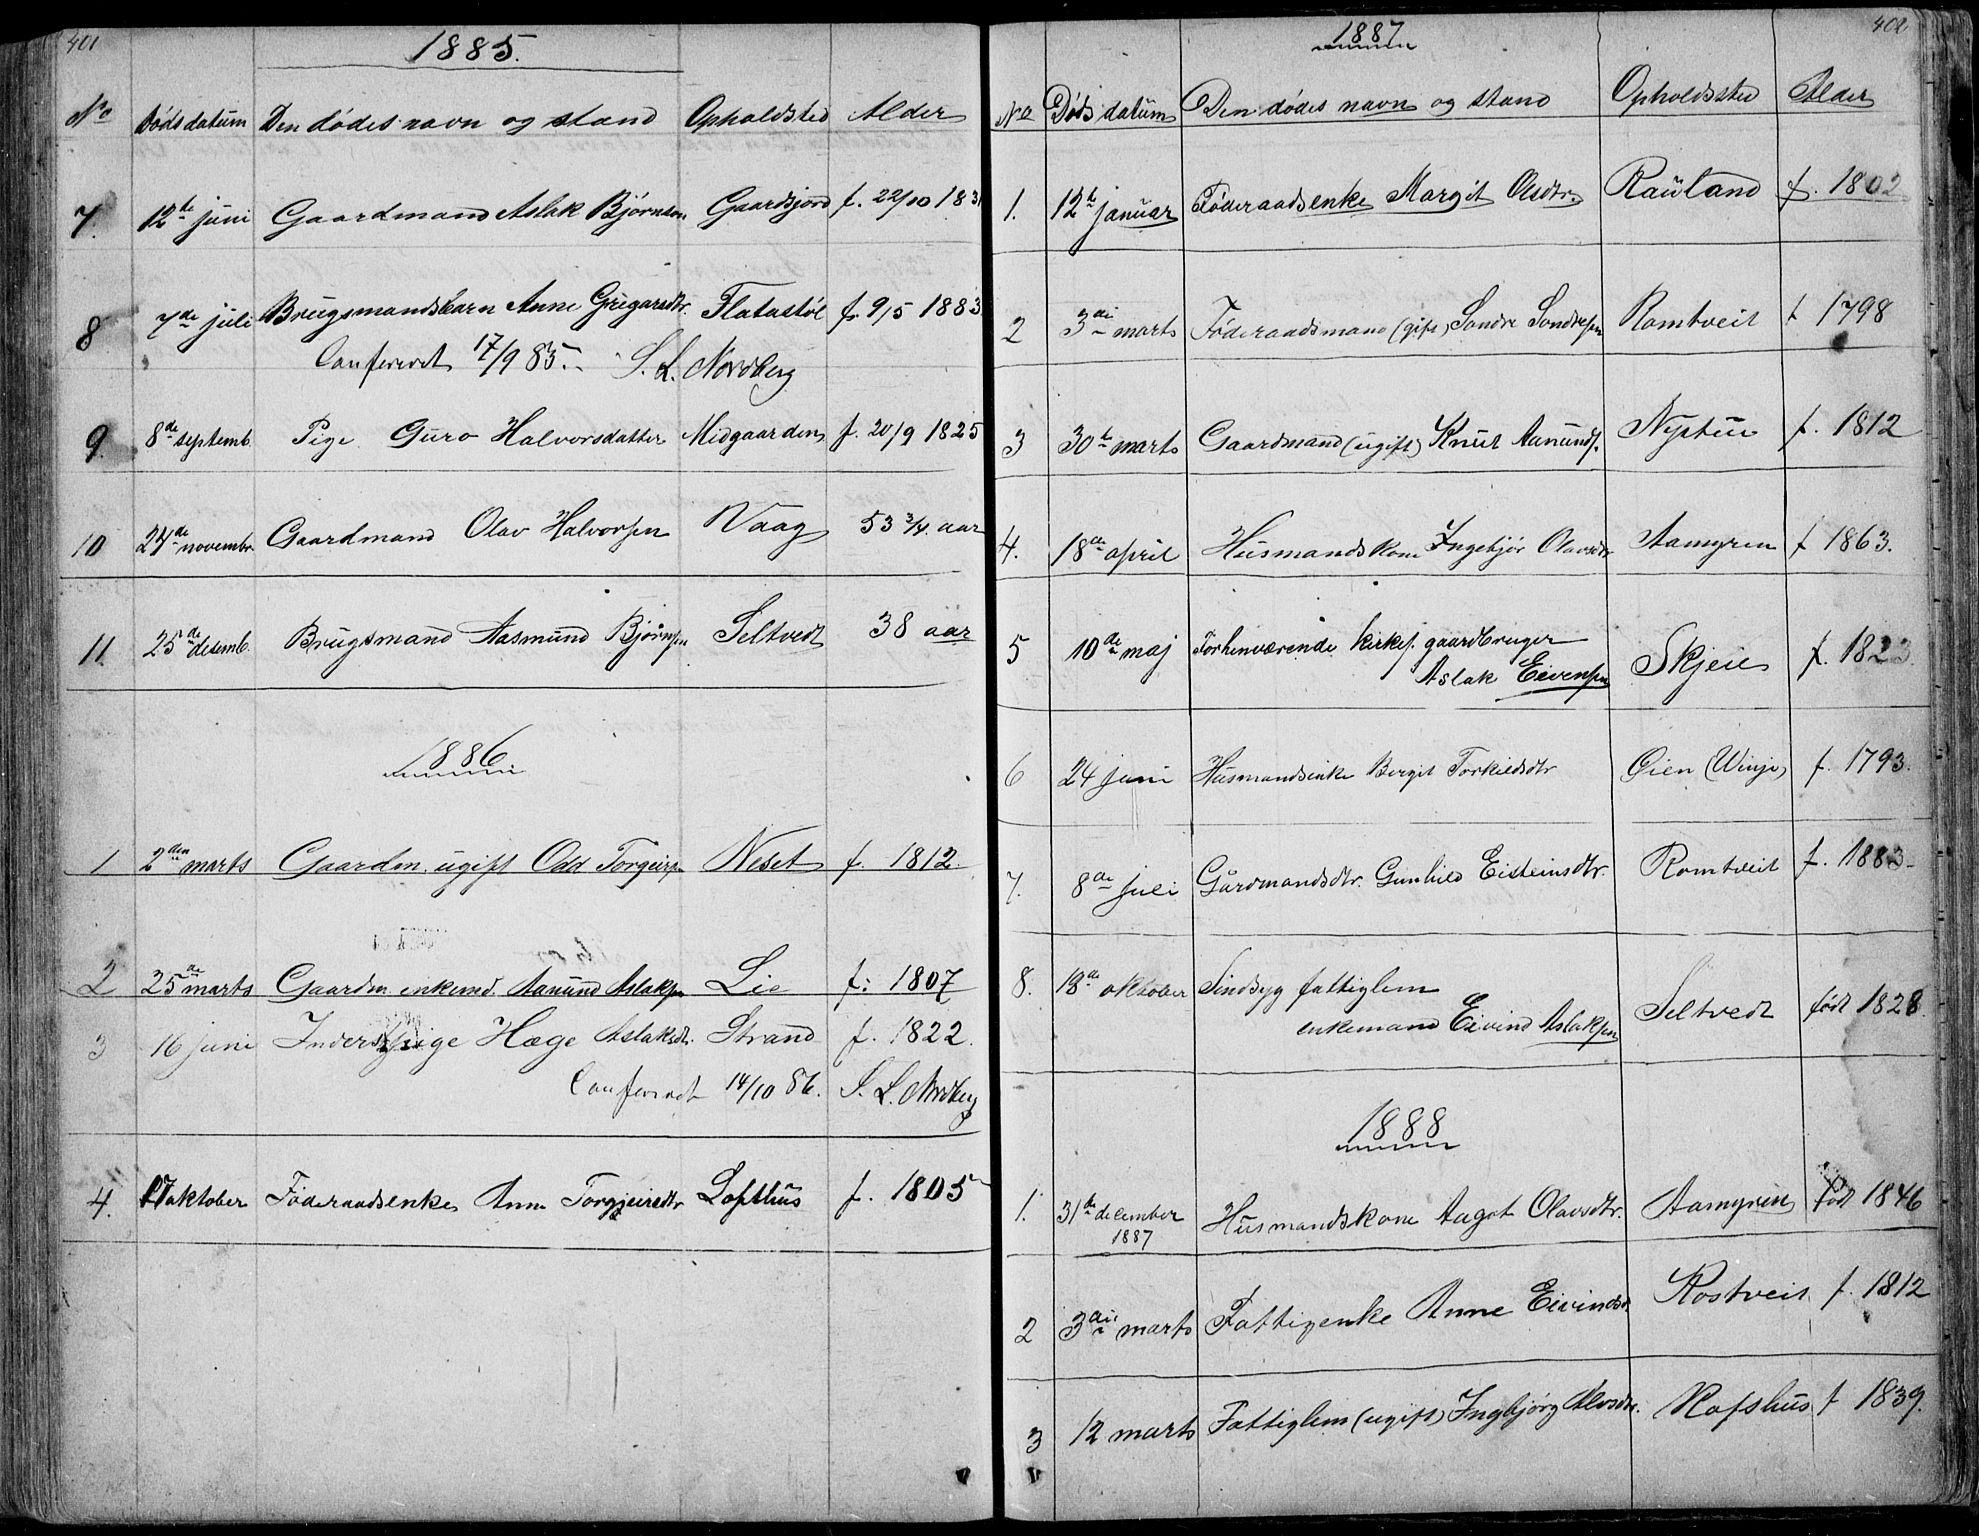 SAKO, Rauland kirkebøker, G/Ga/L0002: Klokkerbok nr. I 2, 1849-1935, s. 401-402